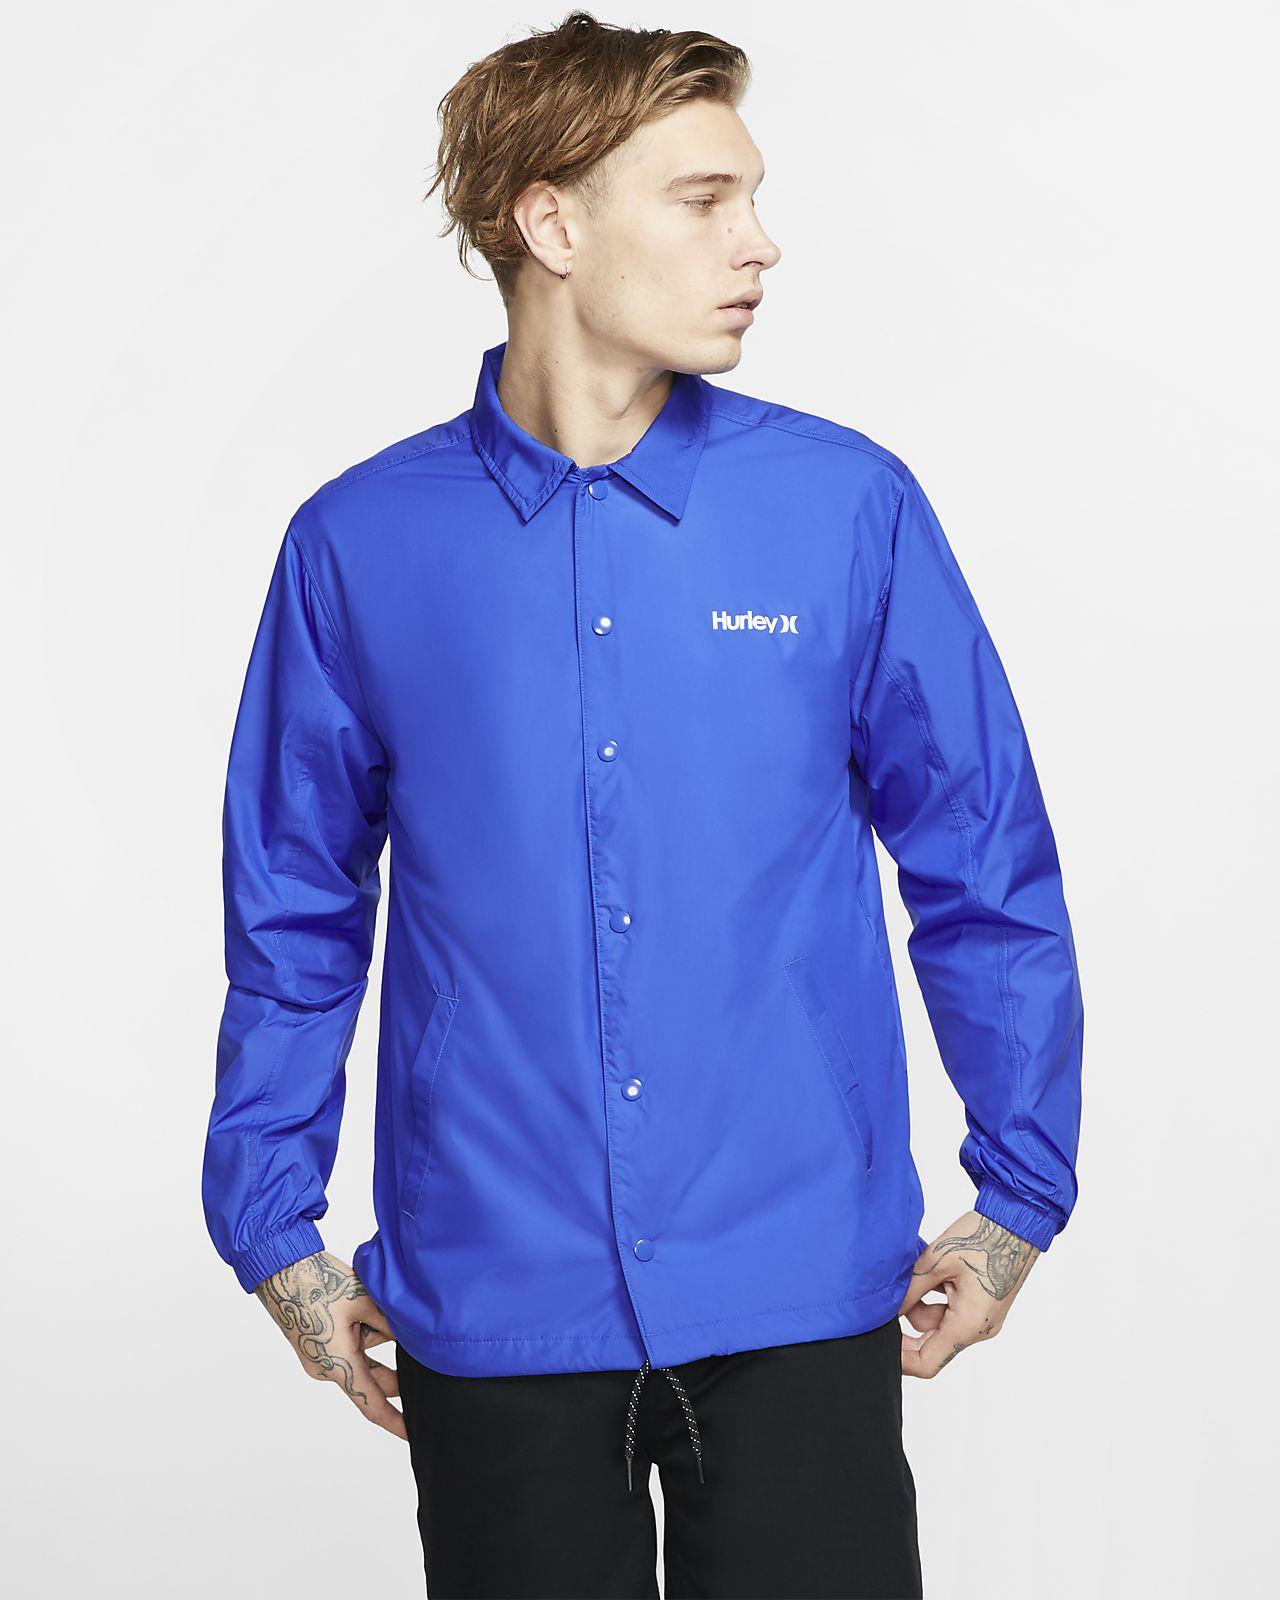 Hurley Siege Coaches-jakke til mænd